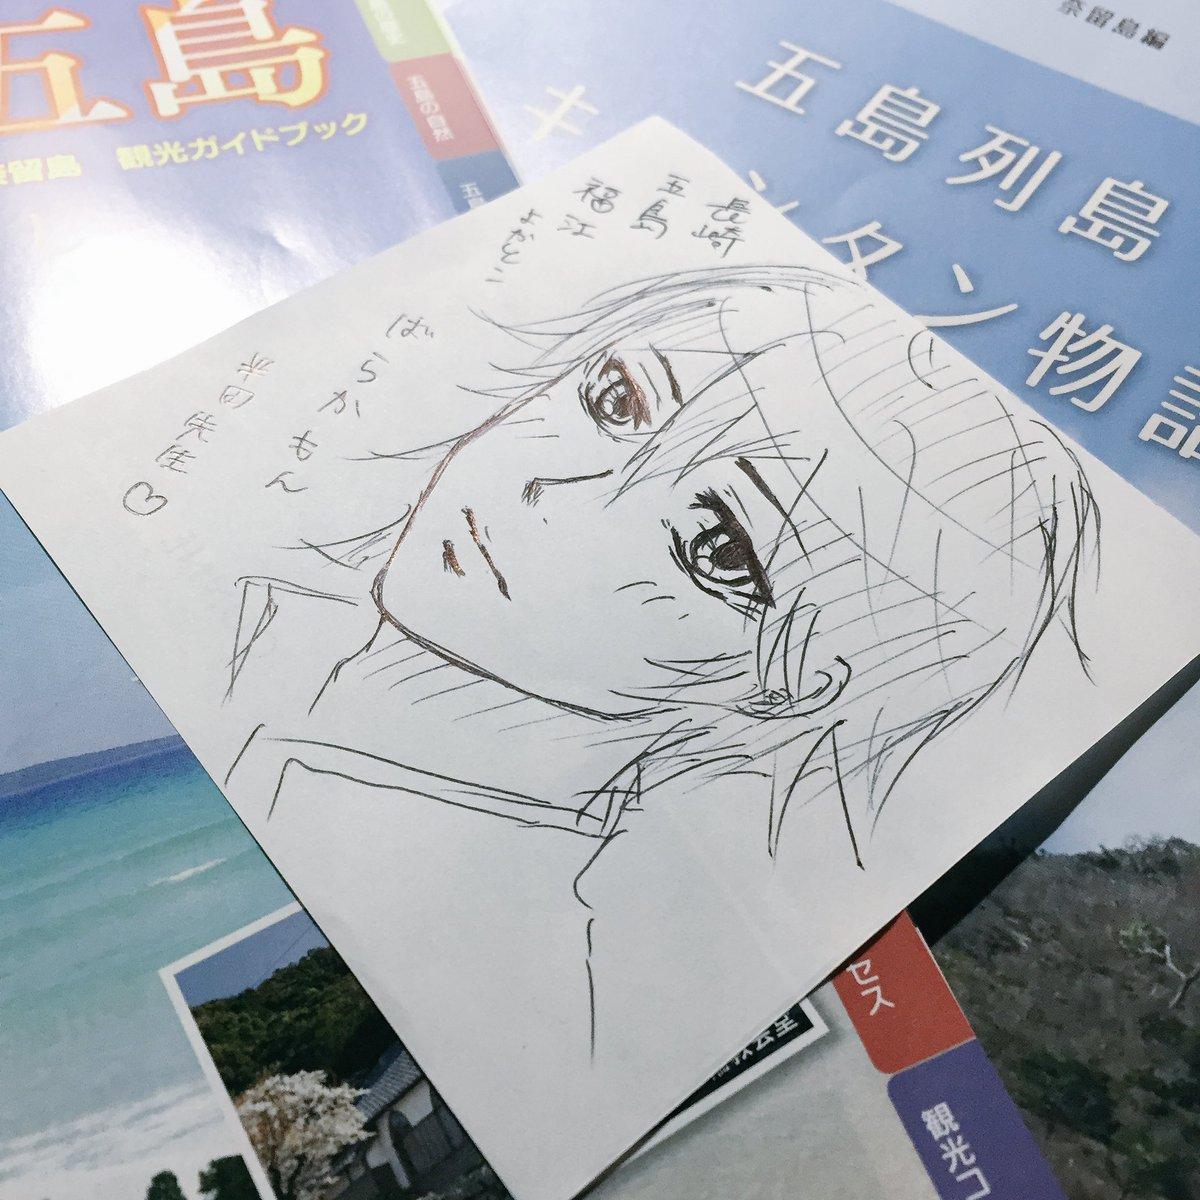 五島に来たら、描きたくなる半田先生💕久々アナログで描いた#ばらかもん #半田先生 #長崎 #五島 #福江 #富江#はんだ